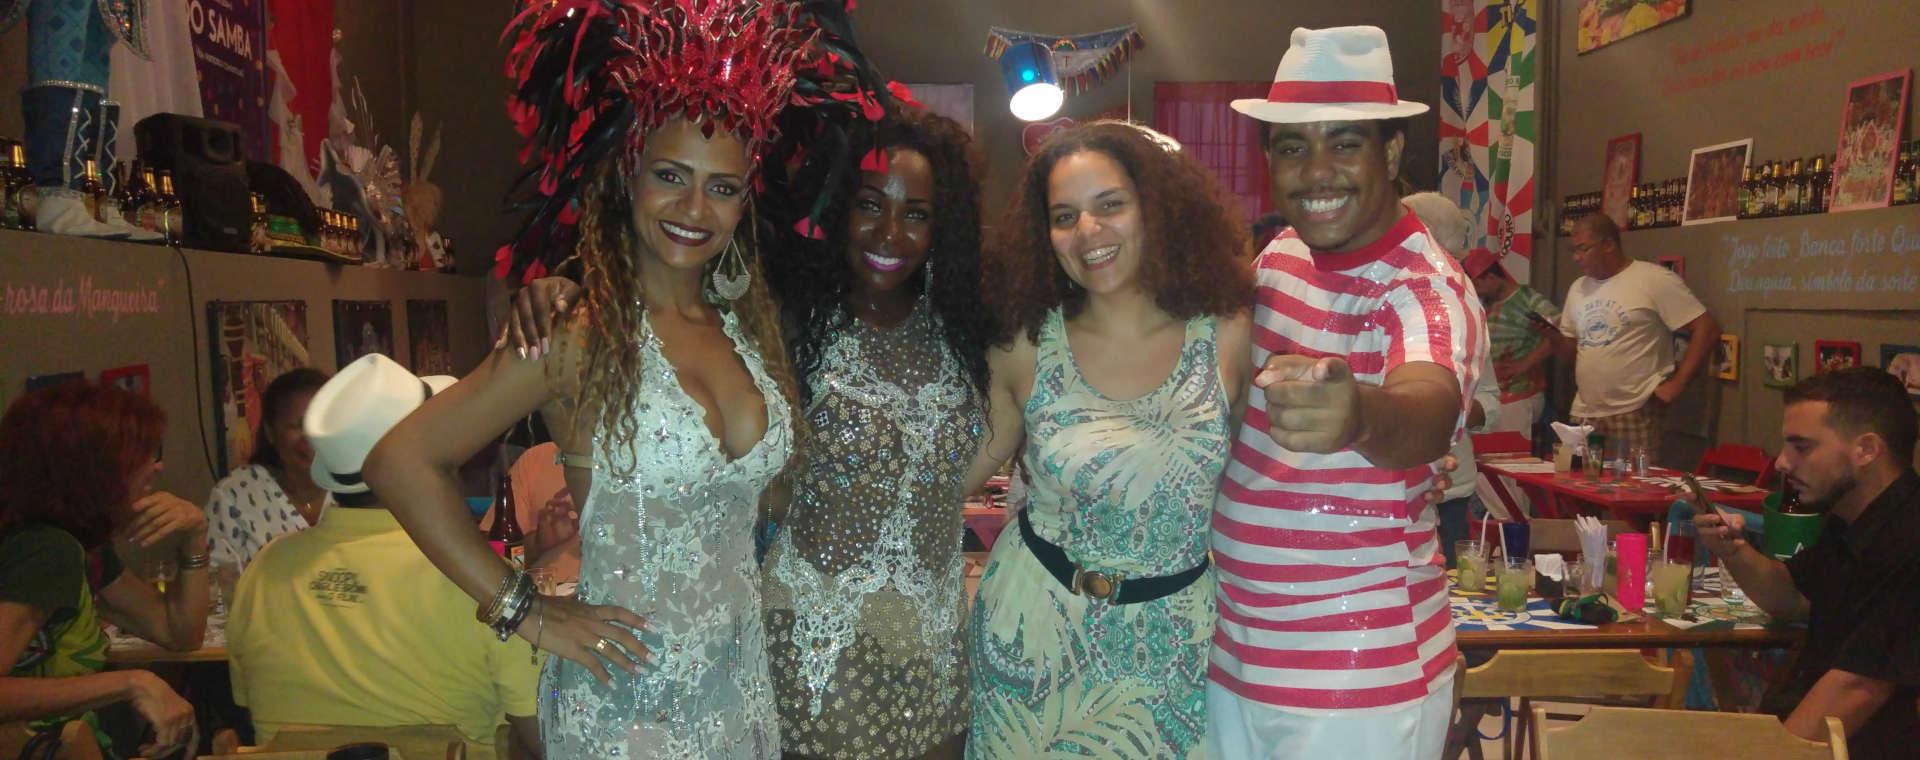 Live the magic of Rio's Carnival!